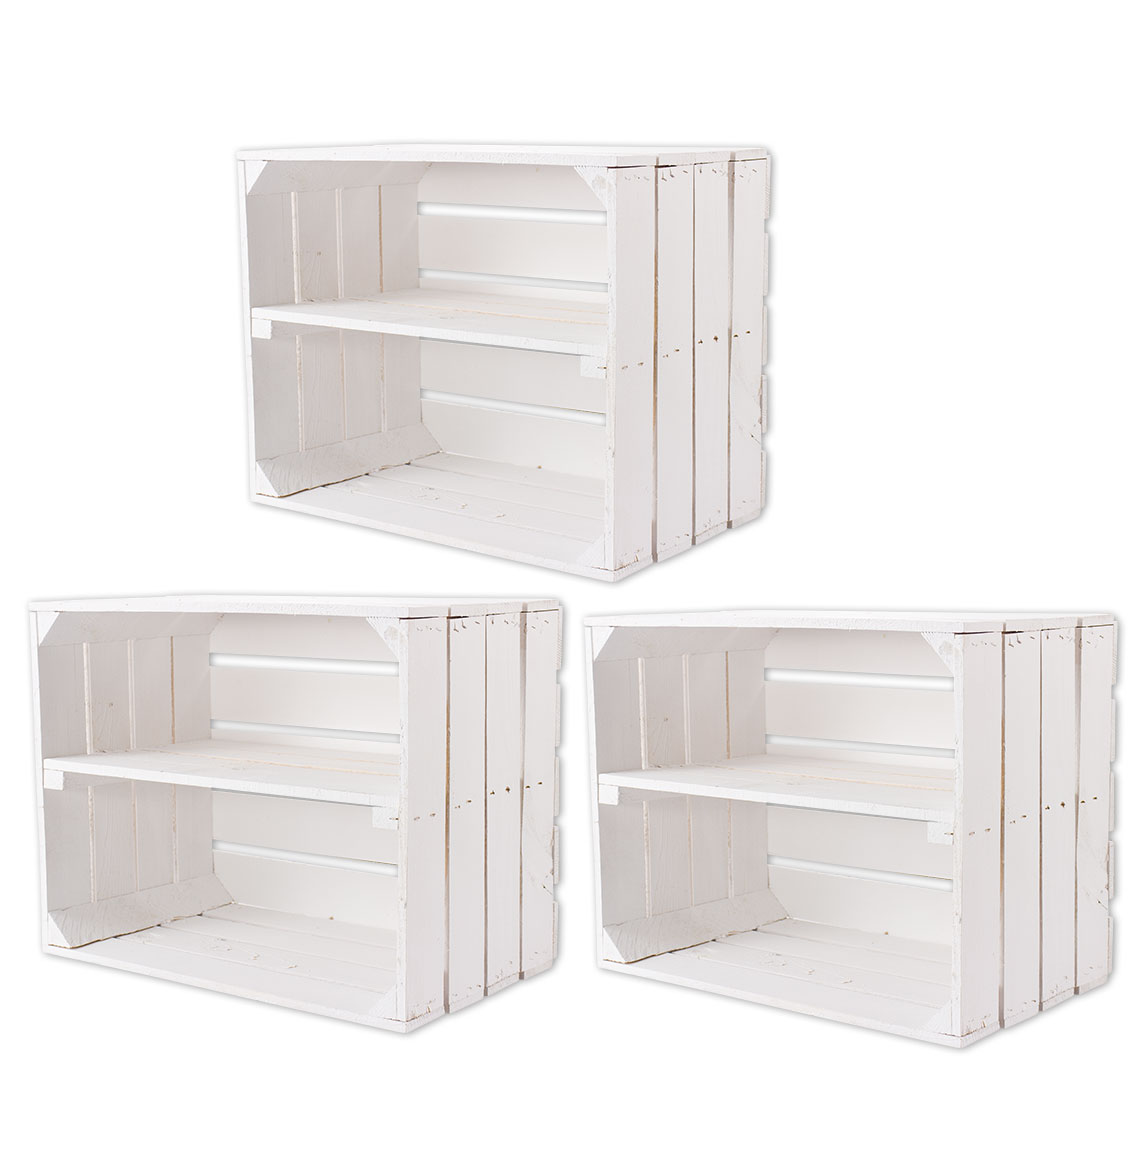 Gemischtes Set aus weißen Holzkisten 50x40x30cm